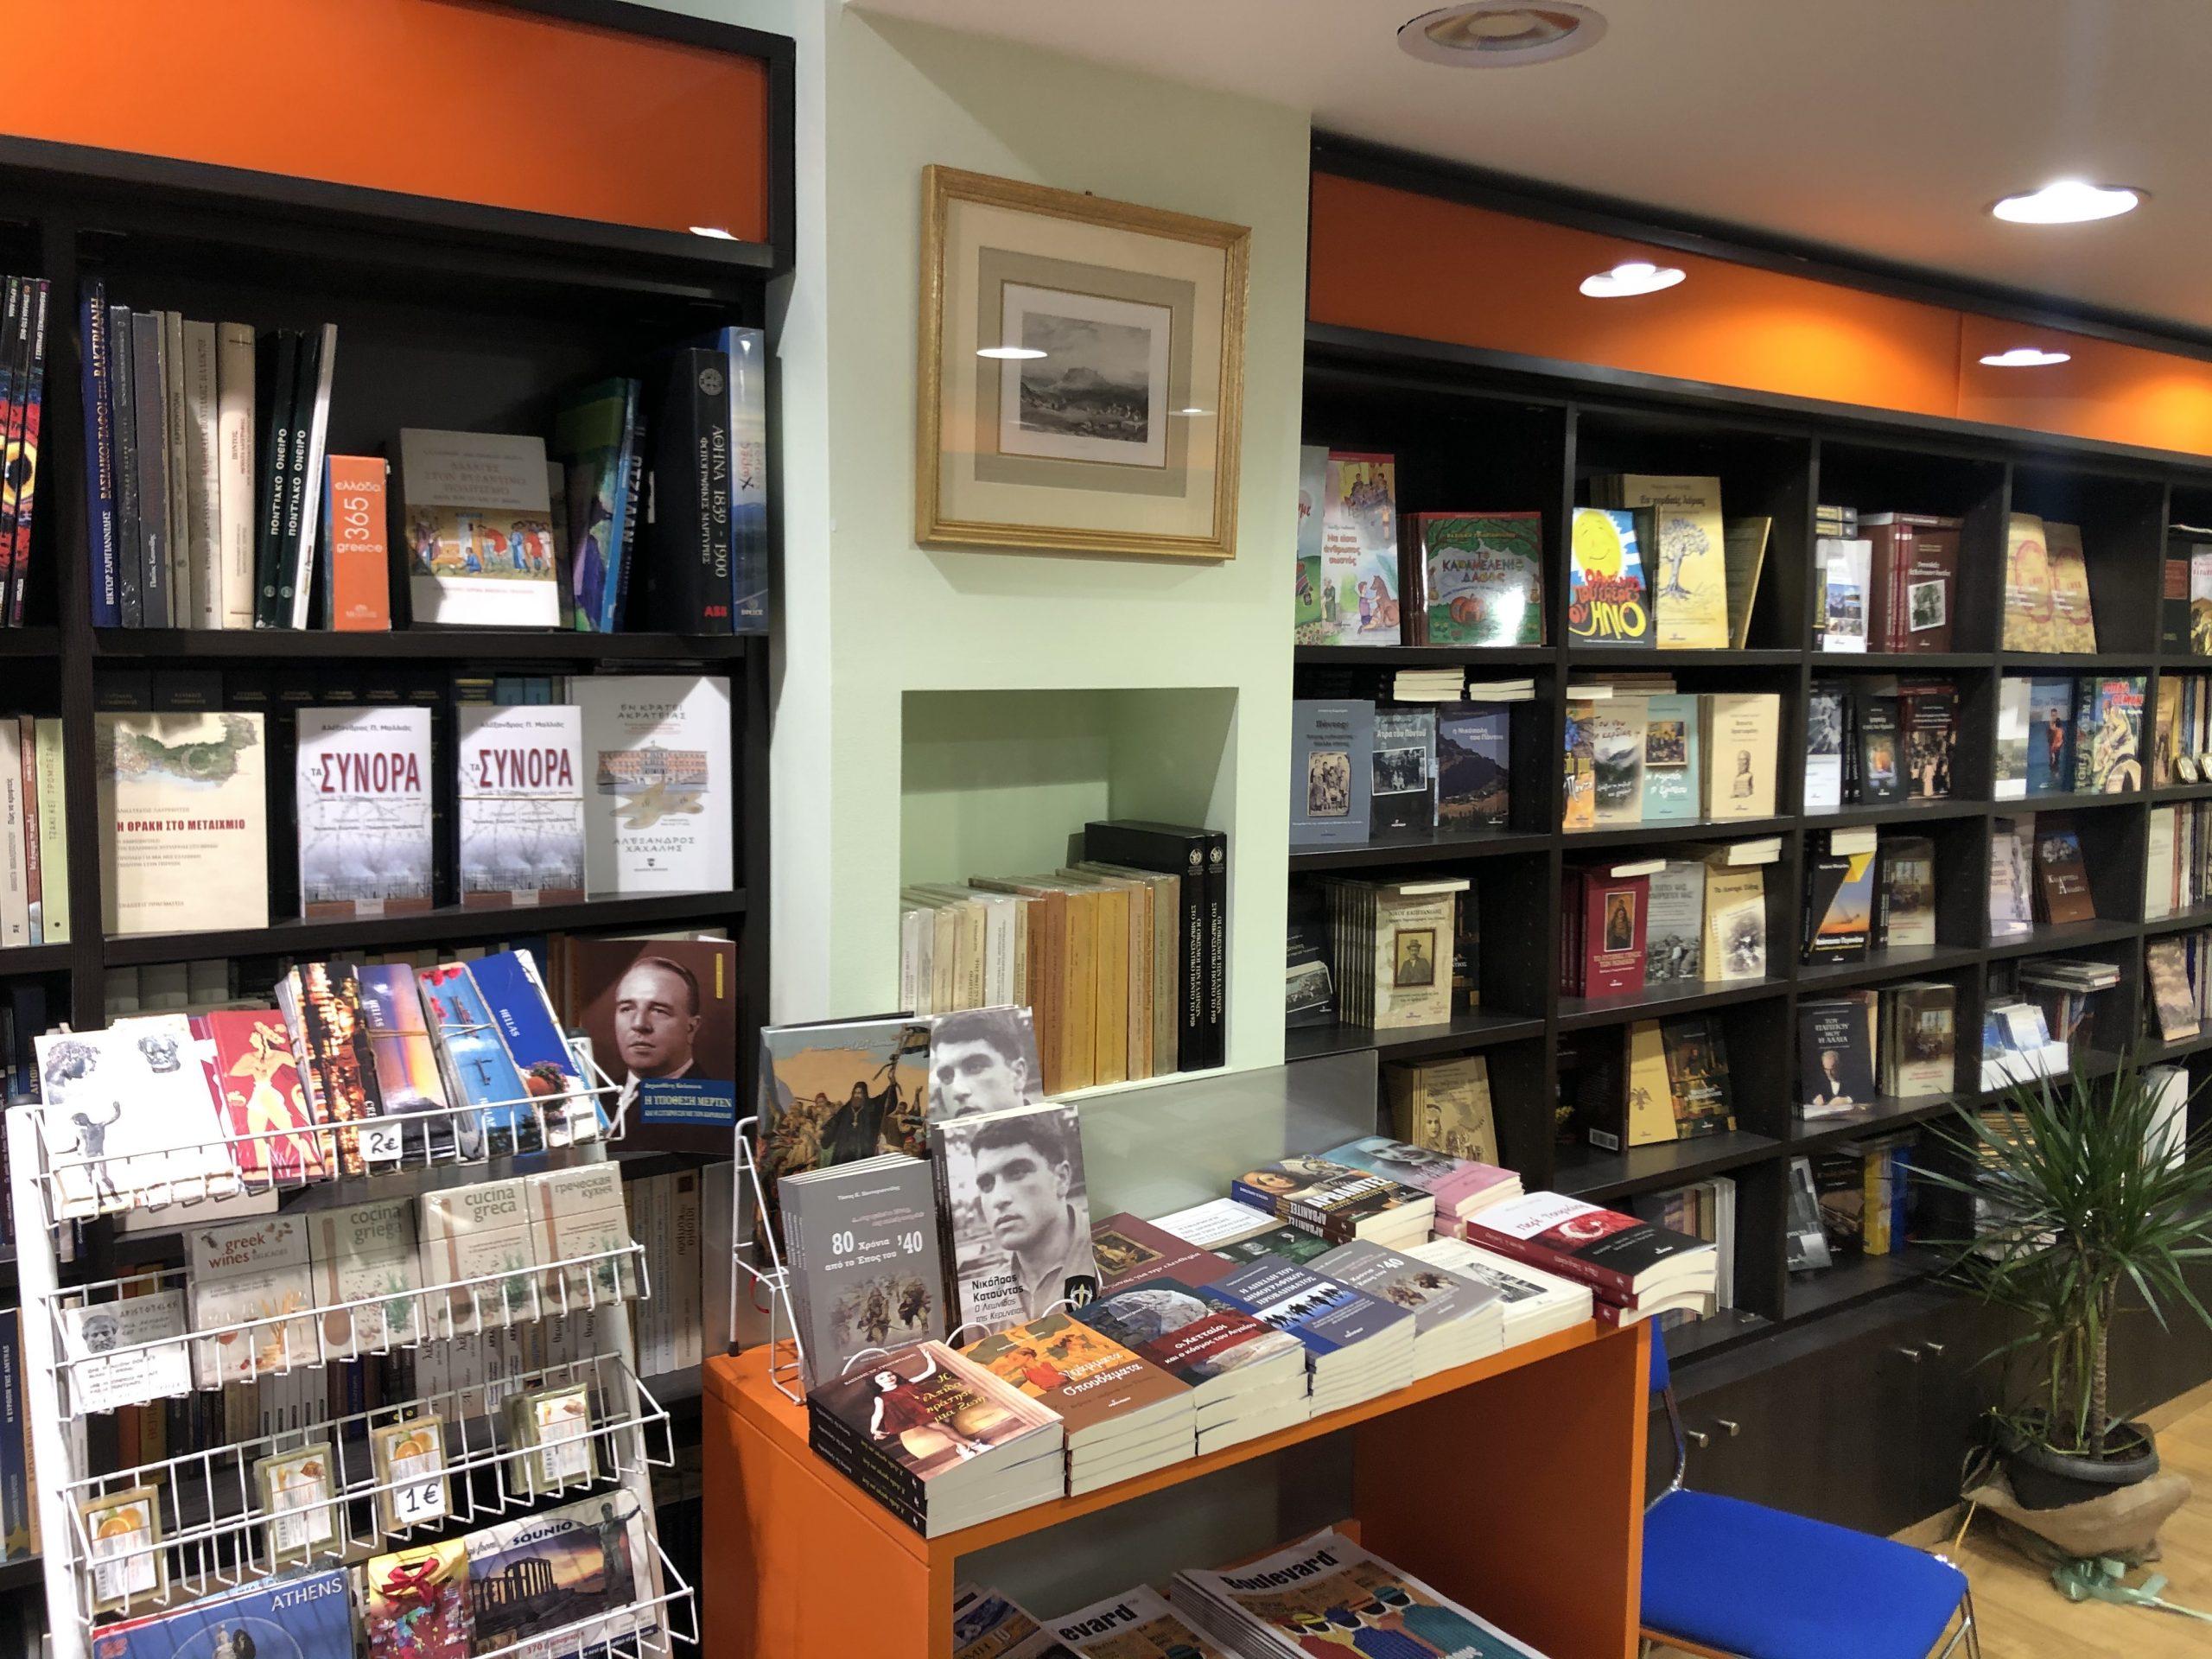 Ο εγκλεισμός είναι πιο ανώδυνος όταν έχεις συντροφιά ένα βιβλίο – Επισκεφθείτε το ηλεκτρονικό βιβλιοπωλείο των εκδόσεων Ινφογνώμων